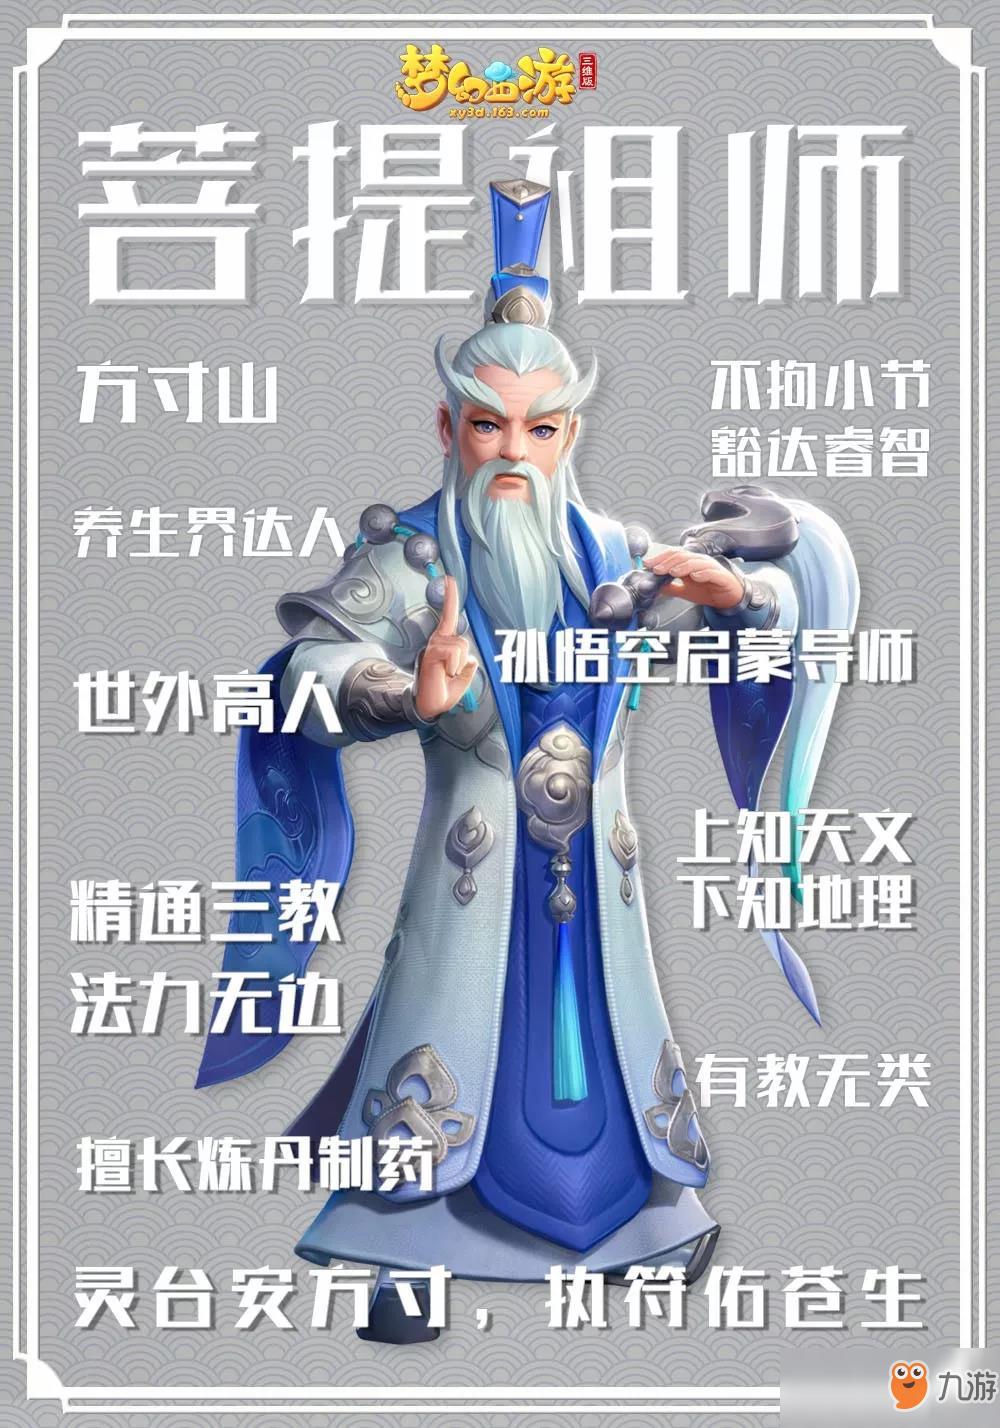 《梦幻西游三维版》方寸山属性介绍 门派玩法推荐